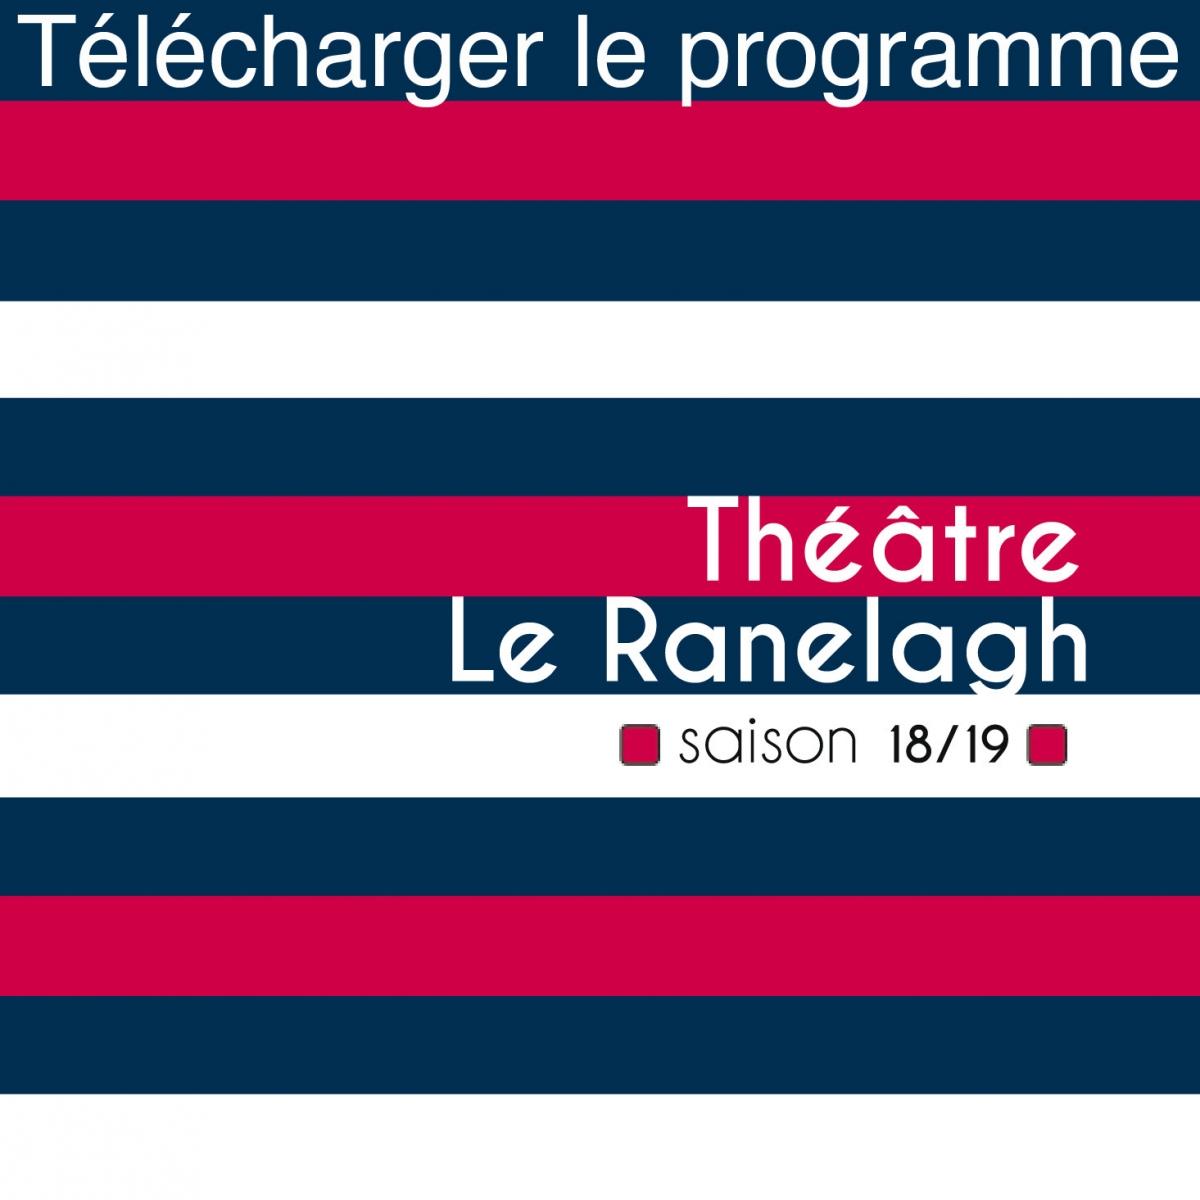 télégharger le programme de la saison 2018-2019 du théâtre le Ranelagh